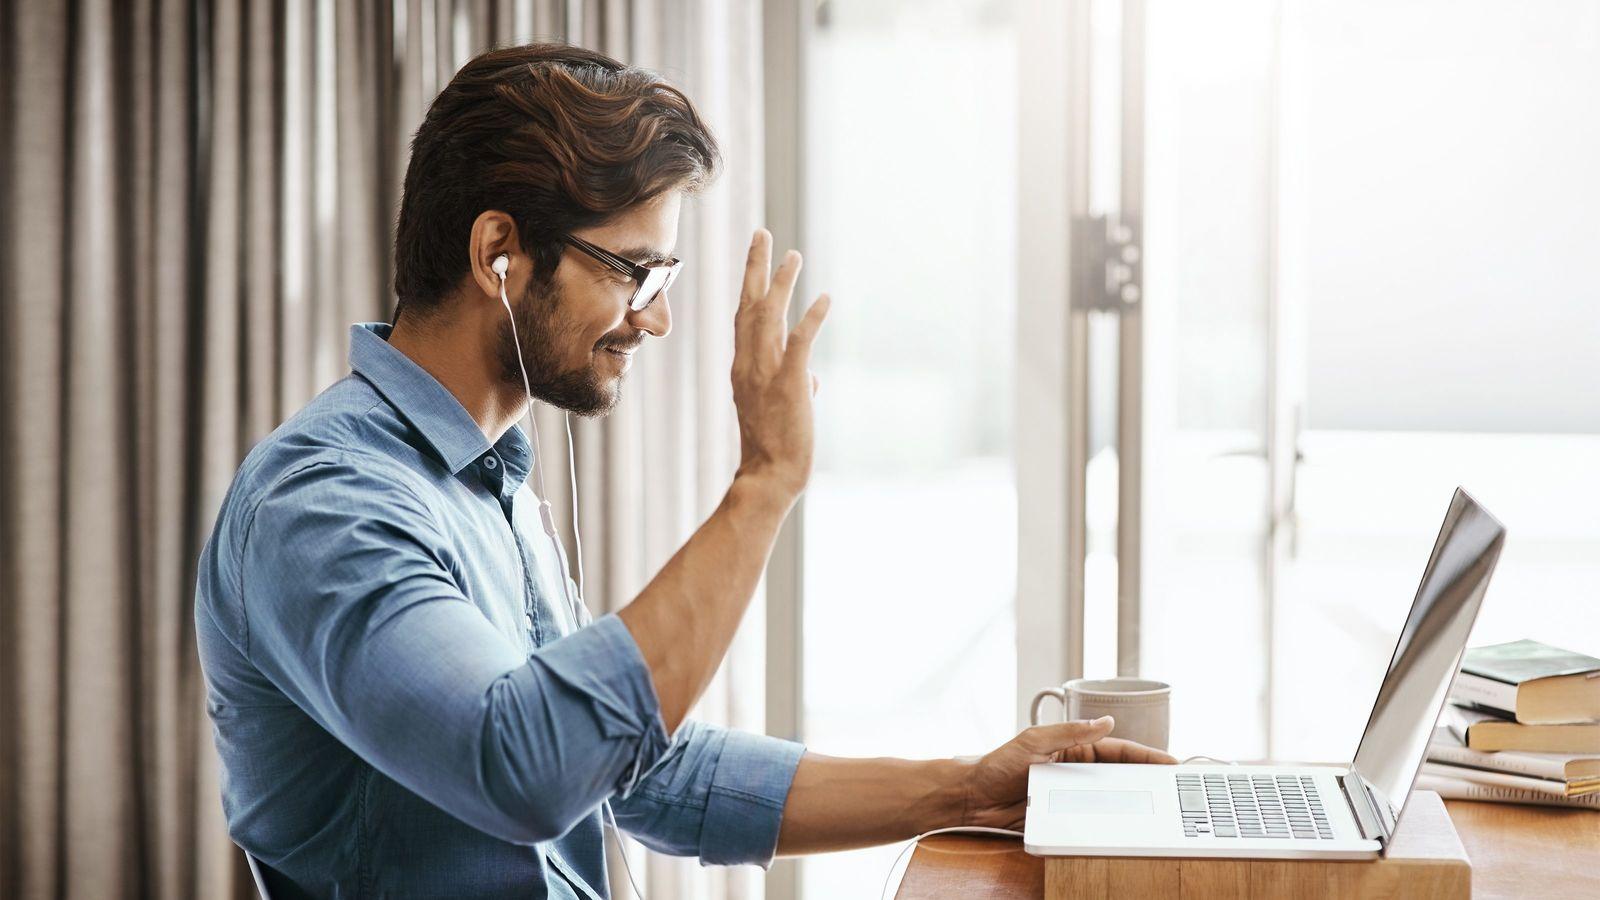 在宅勤務で「サボっている」と思われないための3つのコツ 「1時間ごとの業務報告」を準備する